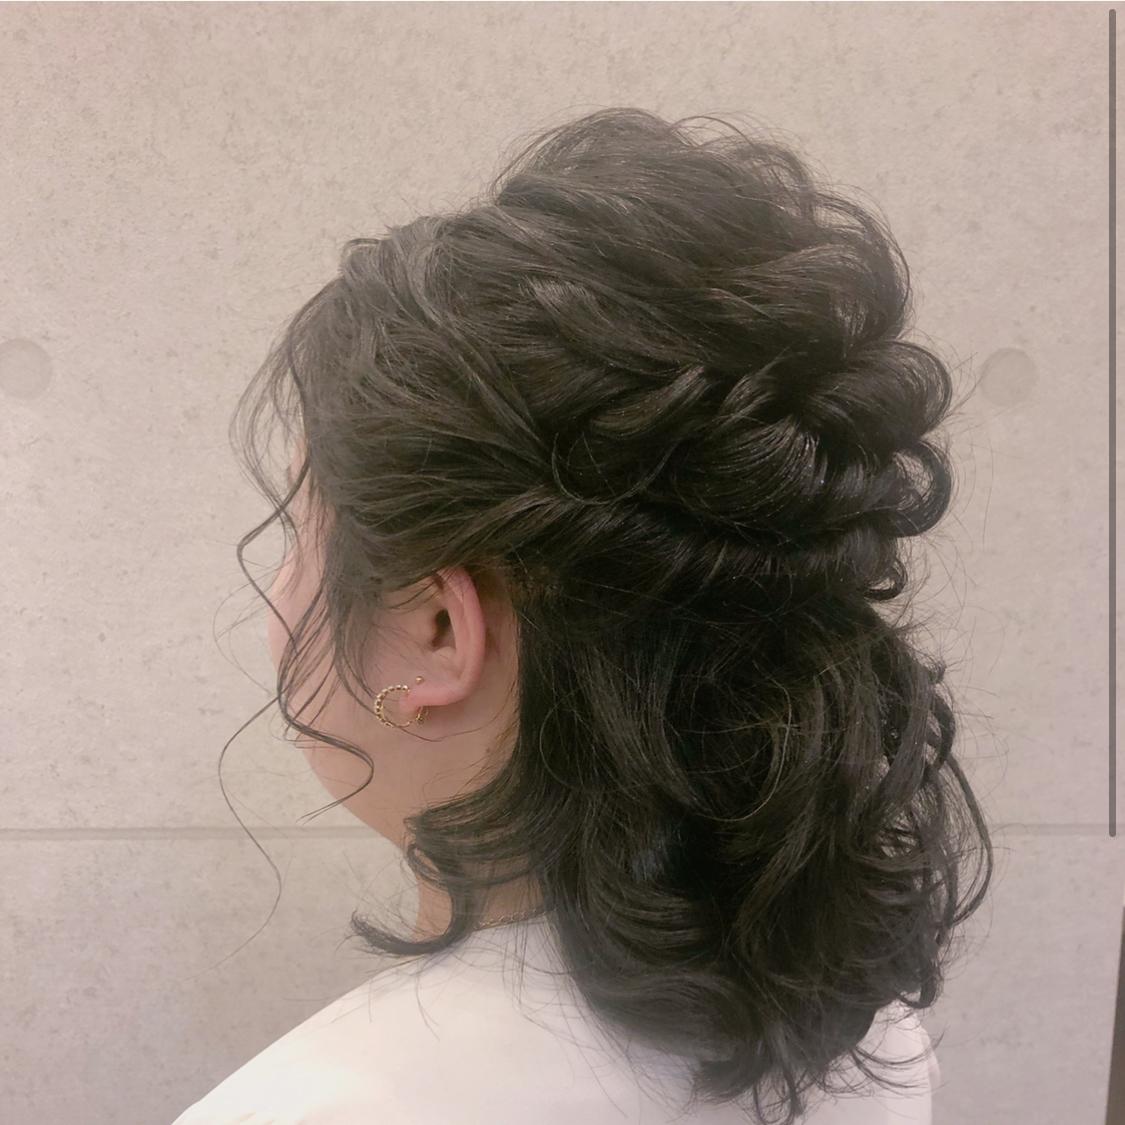 #お呼ばれヘア #ヘアセット #ヘア #ヘアアレンジ #アレンジ #結婚式 #パーティー #ディナー #波ウェーブ #くるりんぱ #編み込み #ハーフアップ #巻き #メイク #コスメ #宝塚 #東京 #銀座 #ginza  #ロレアル #ミルボン #かわいい #おしゃれ #フォト #華やか #へああれんじ #hair